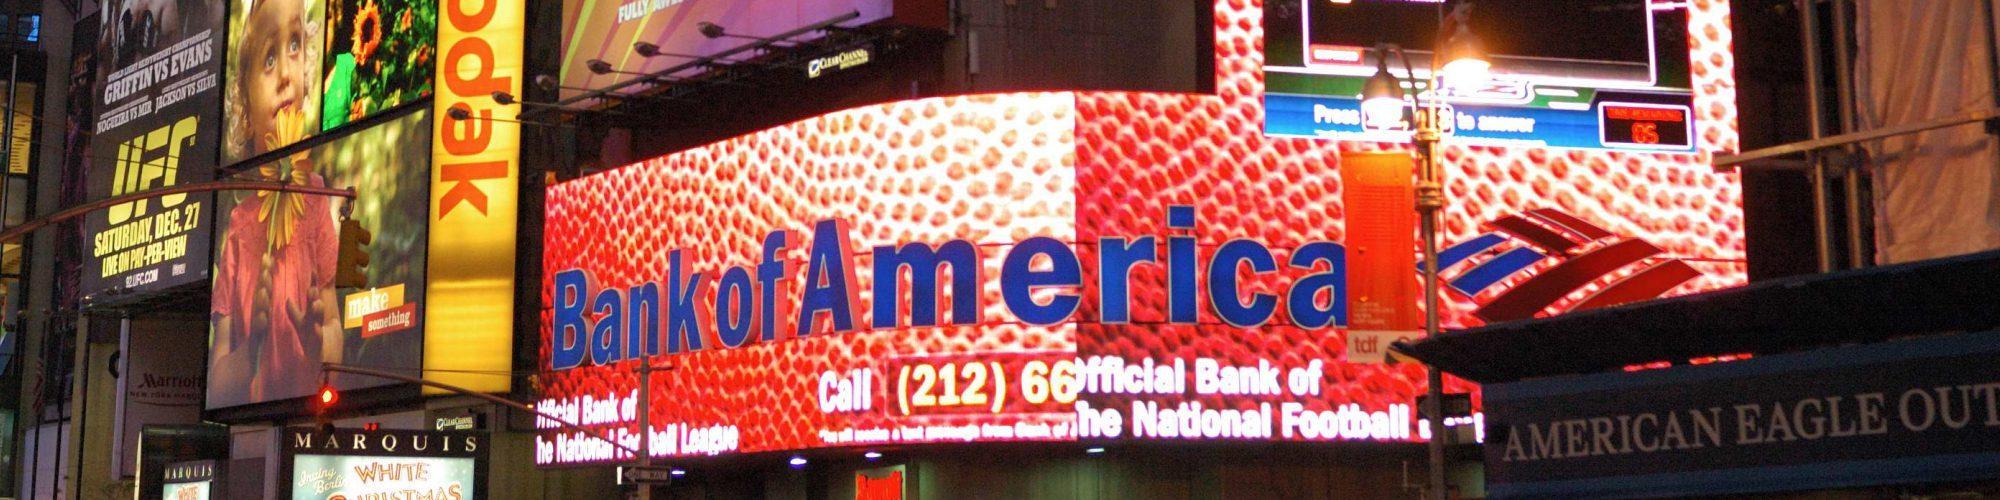 Der New York Times Square bei Nacht